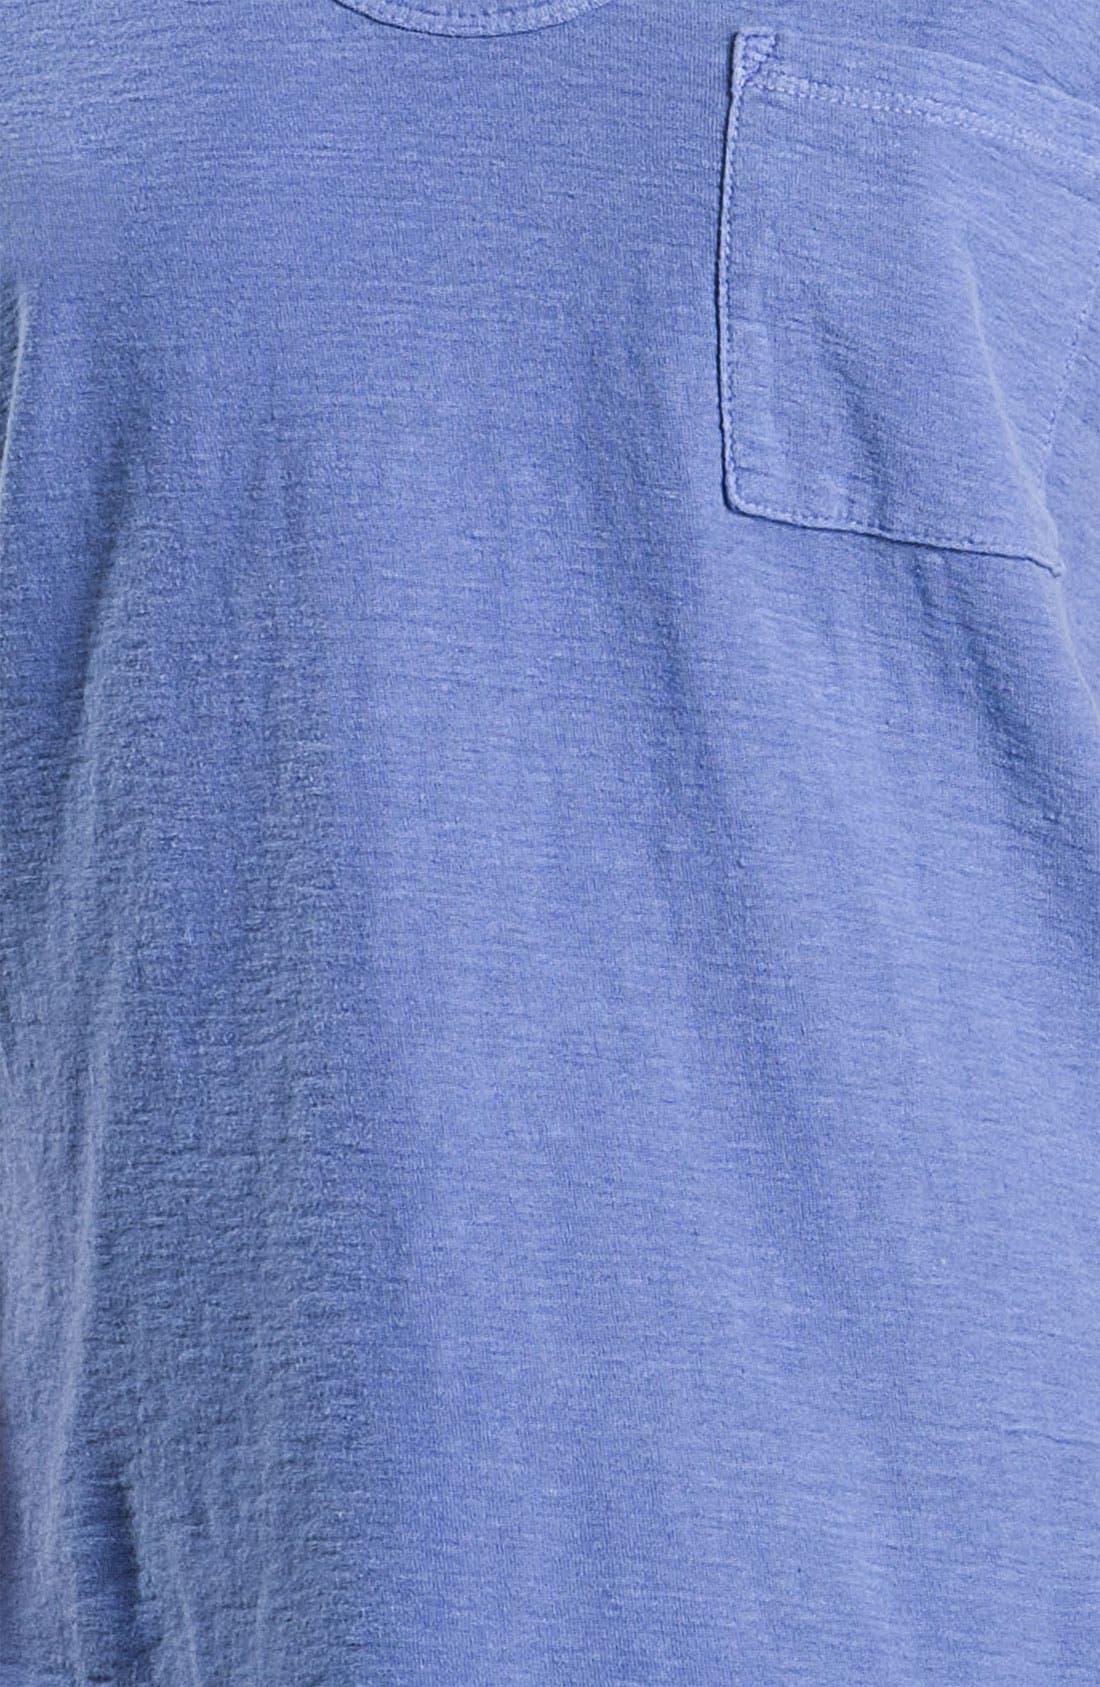 Alternate Image 3  - James Perse 'Vintage' Slub Knit Pocket Tee